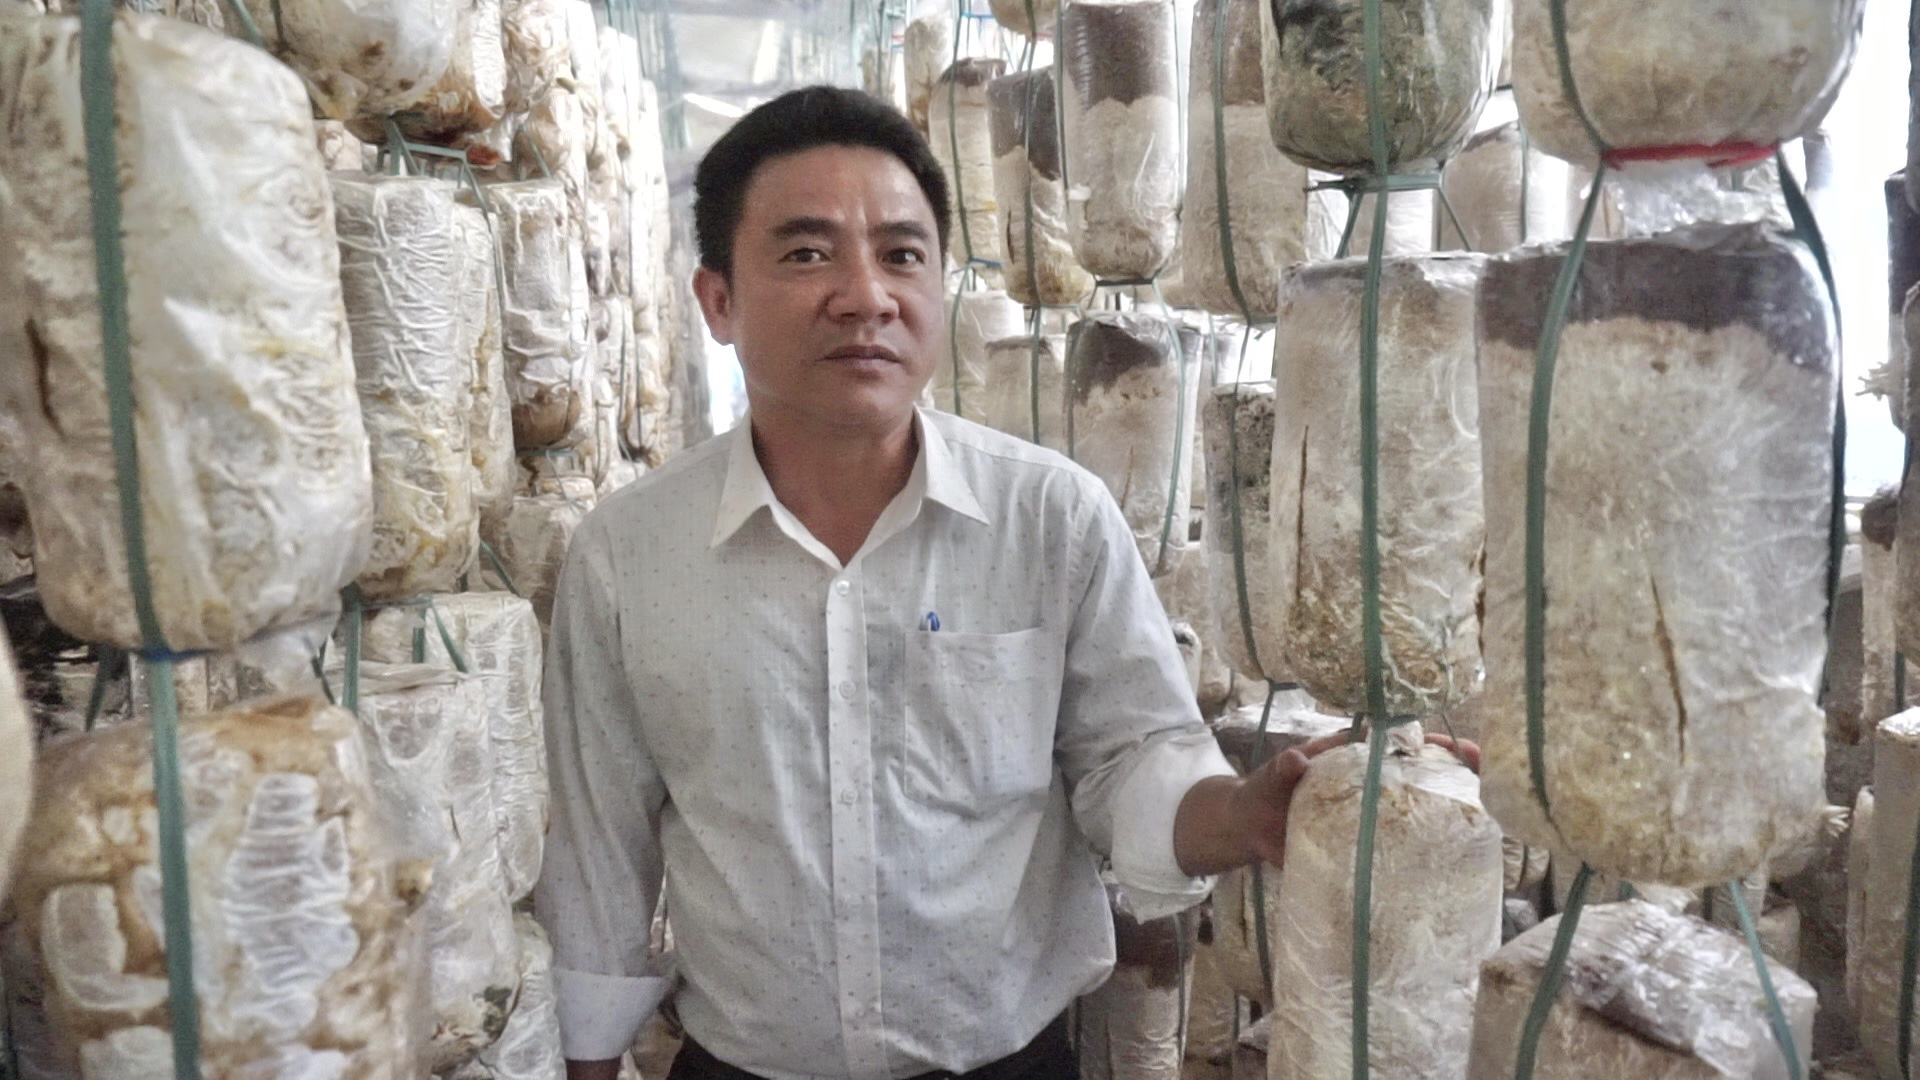 Đà Nẵng: Kỹ sư 8X bỏ phố lên núi nuôi thỏ, trồng nấm vươn lên làm giàu - Ảnh 3.